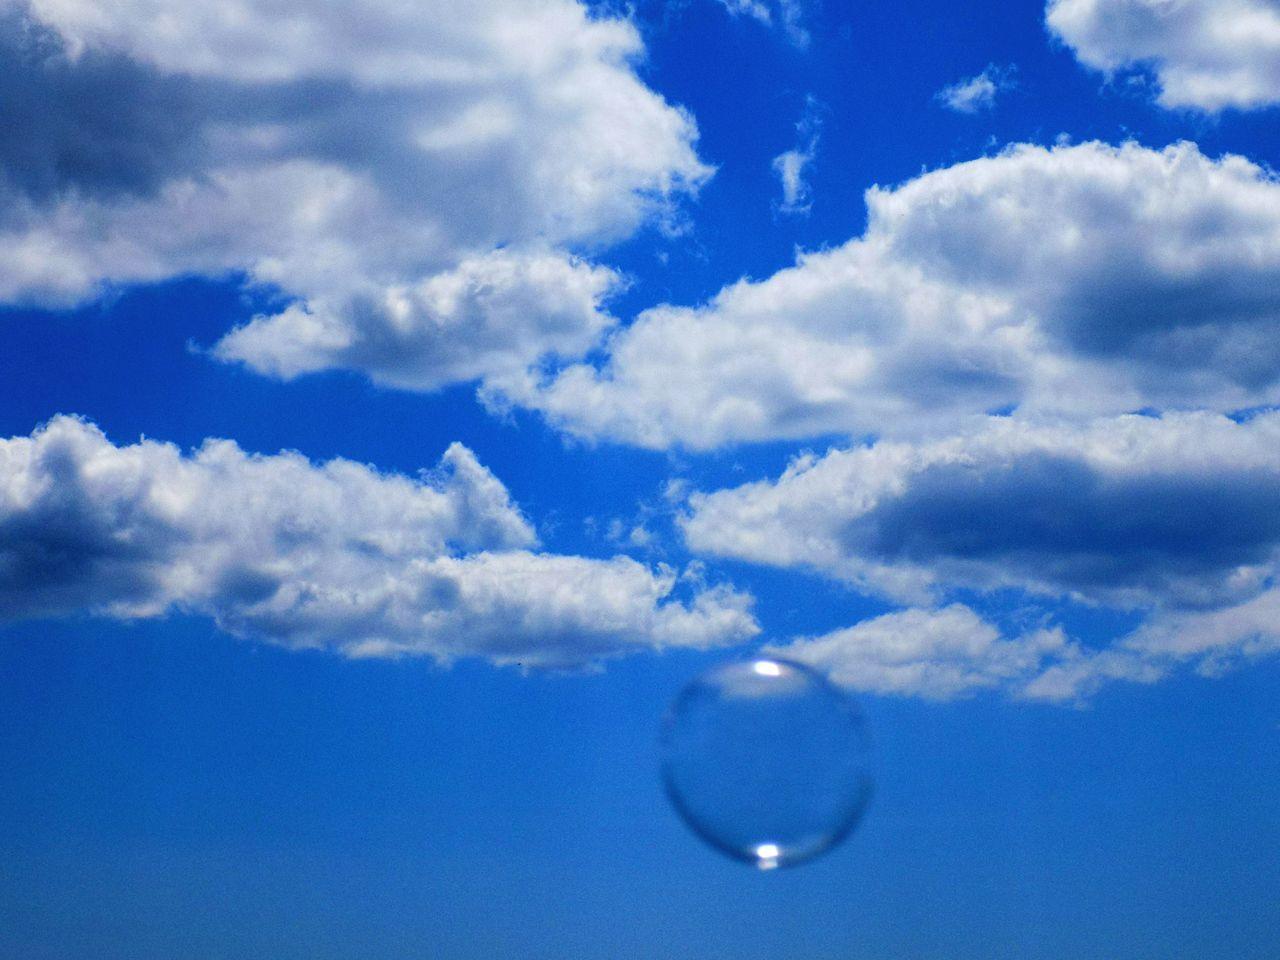 Bubble Against Blue Cloudy Sky